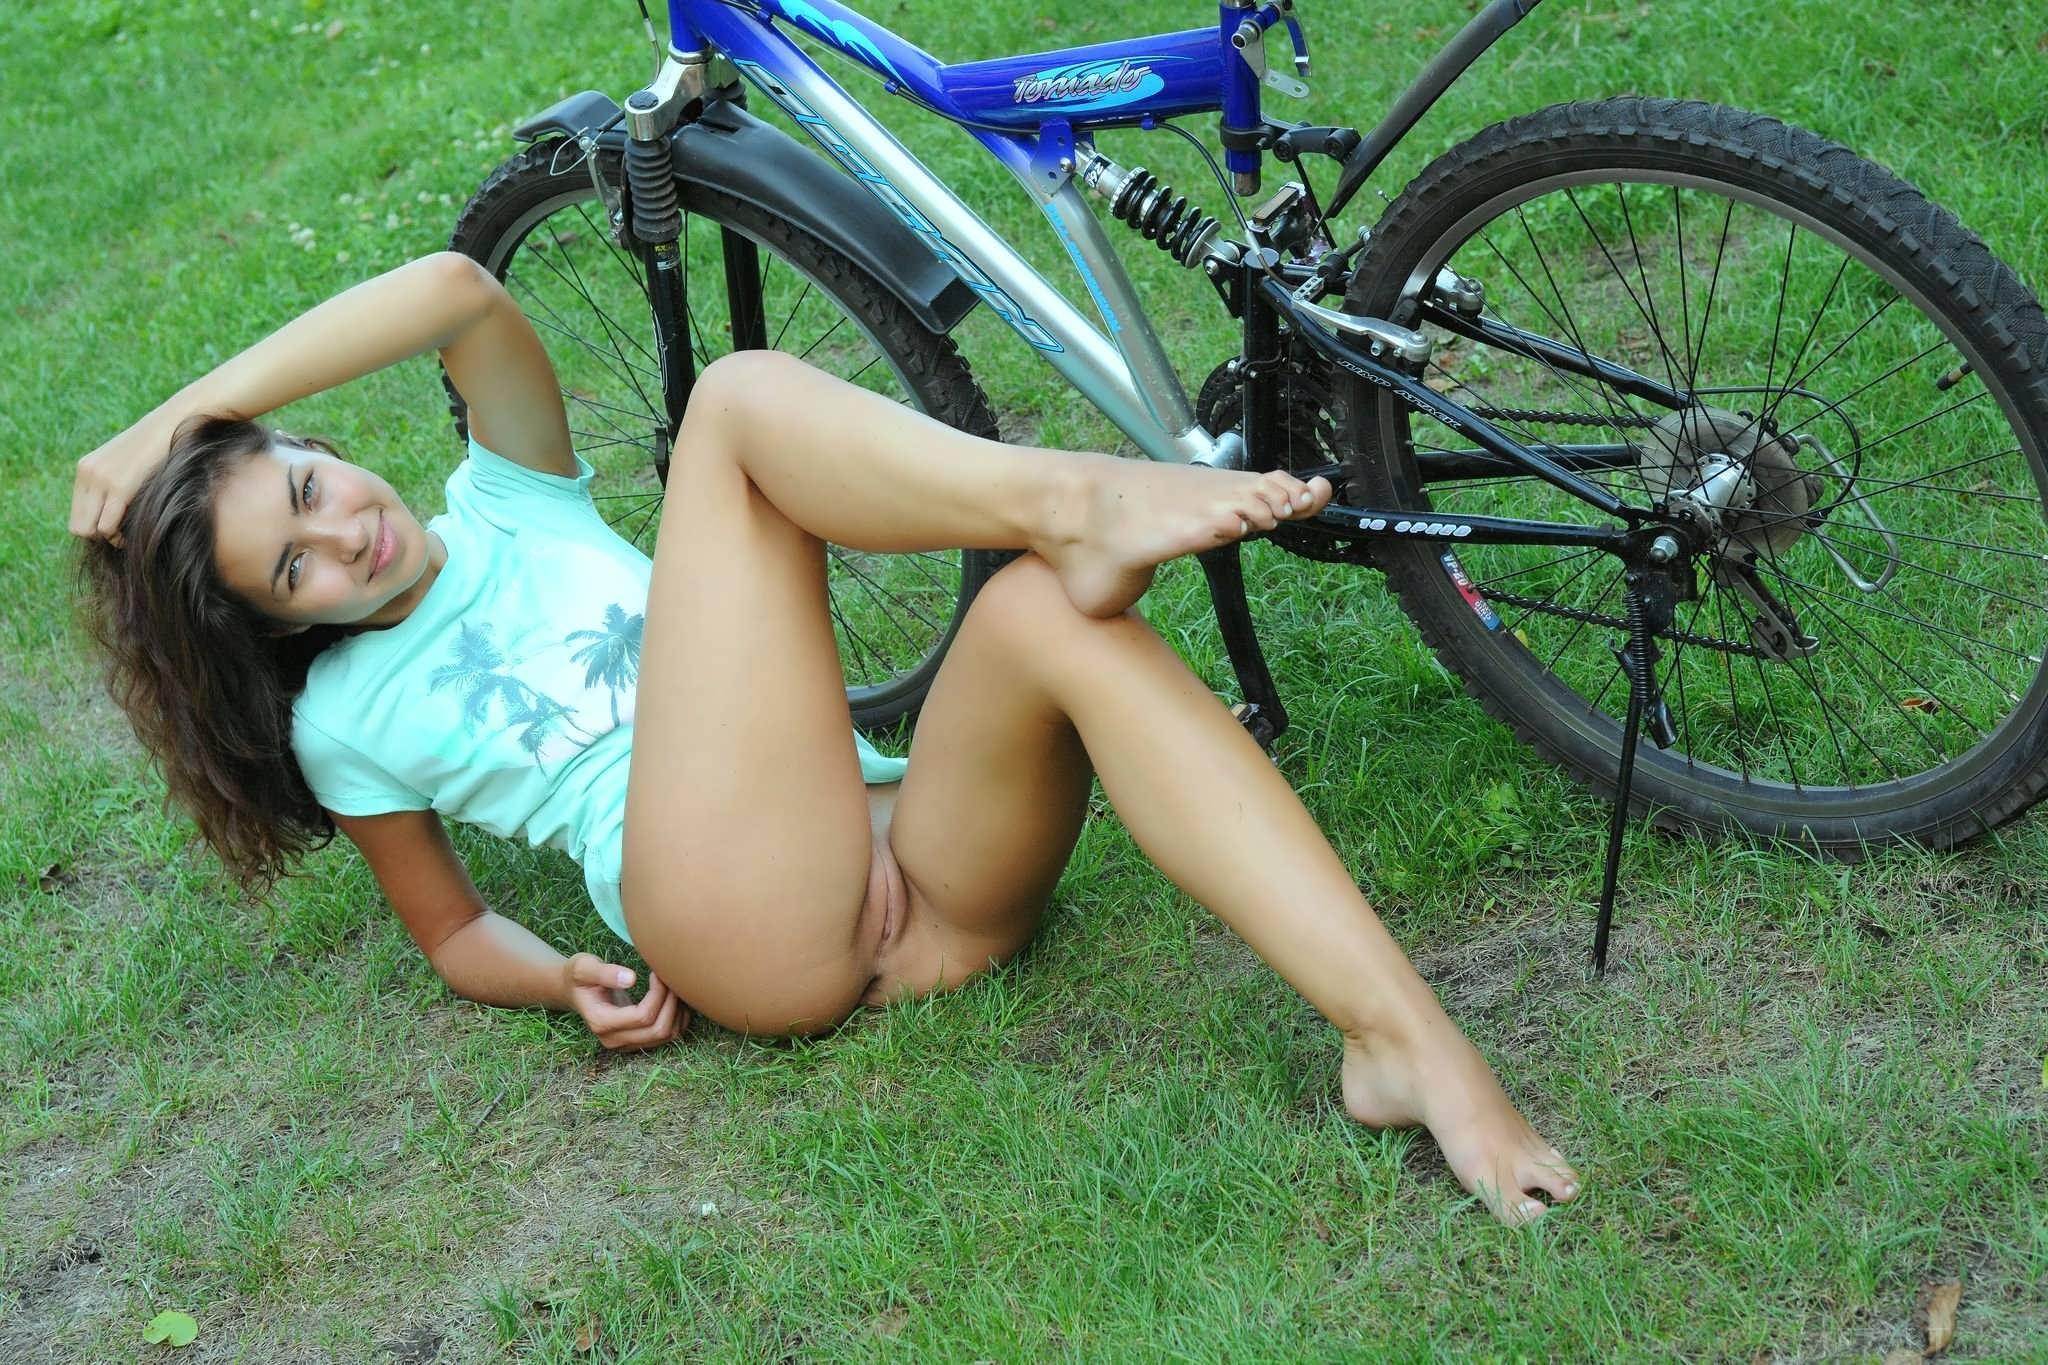 Оргазм на велосипеде видео, сисястая мамочка хочет